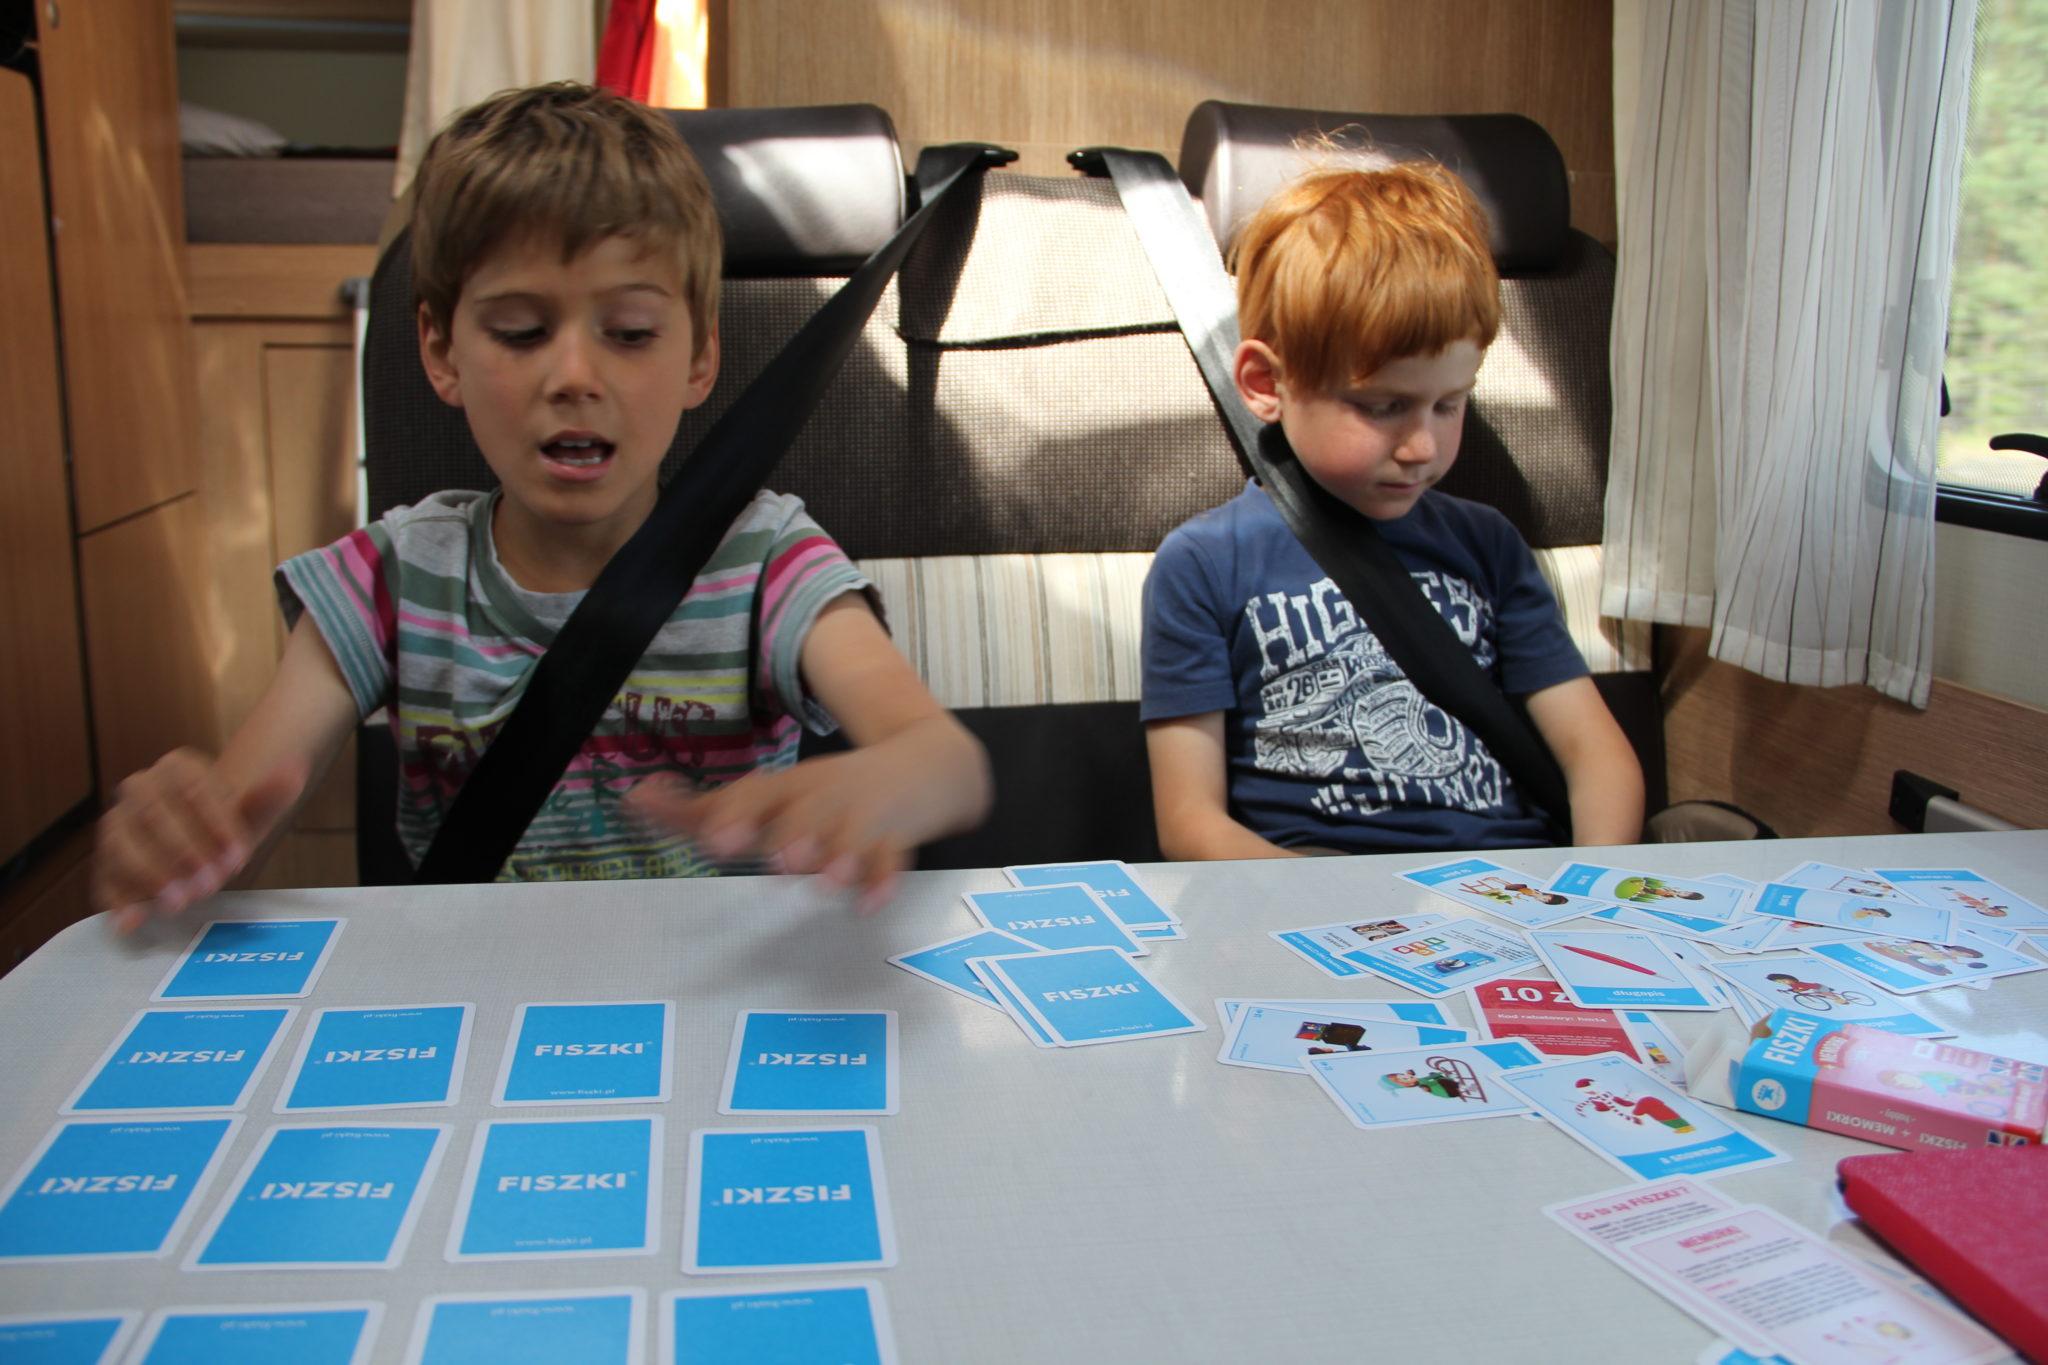 dzieci bawią się FISZKAMI obrazkowymi do nauki angieslkiego w samochodzie